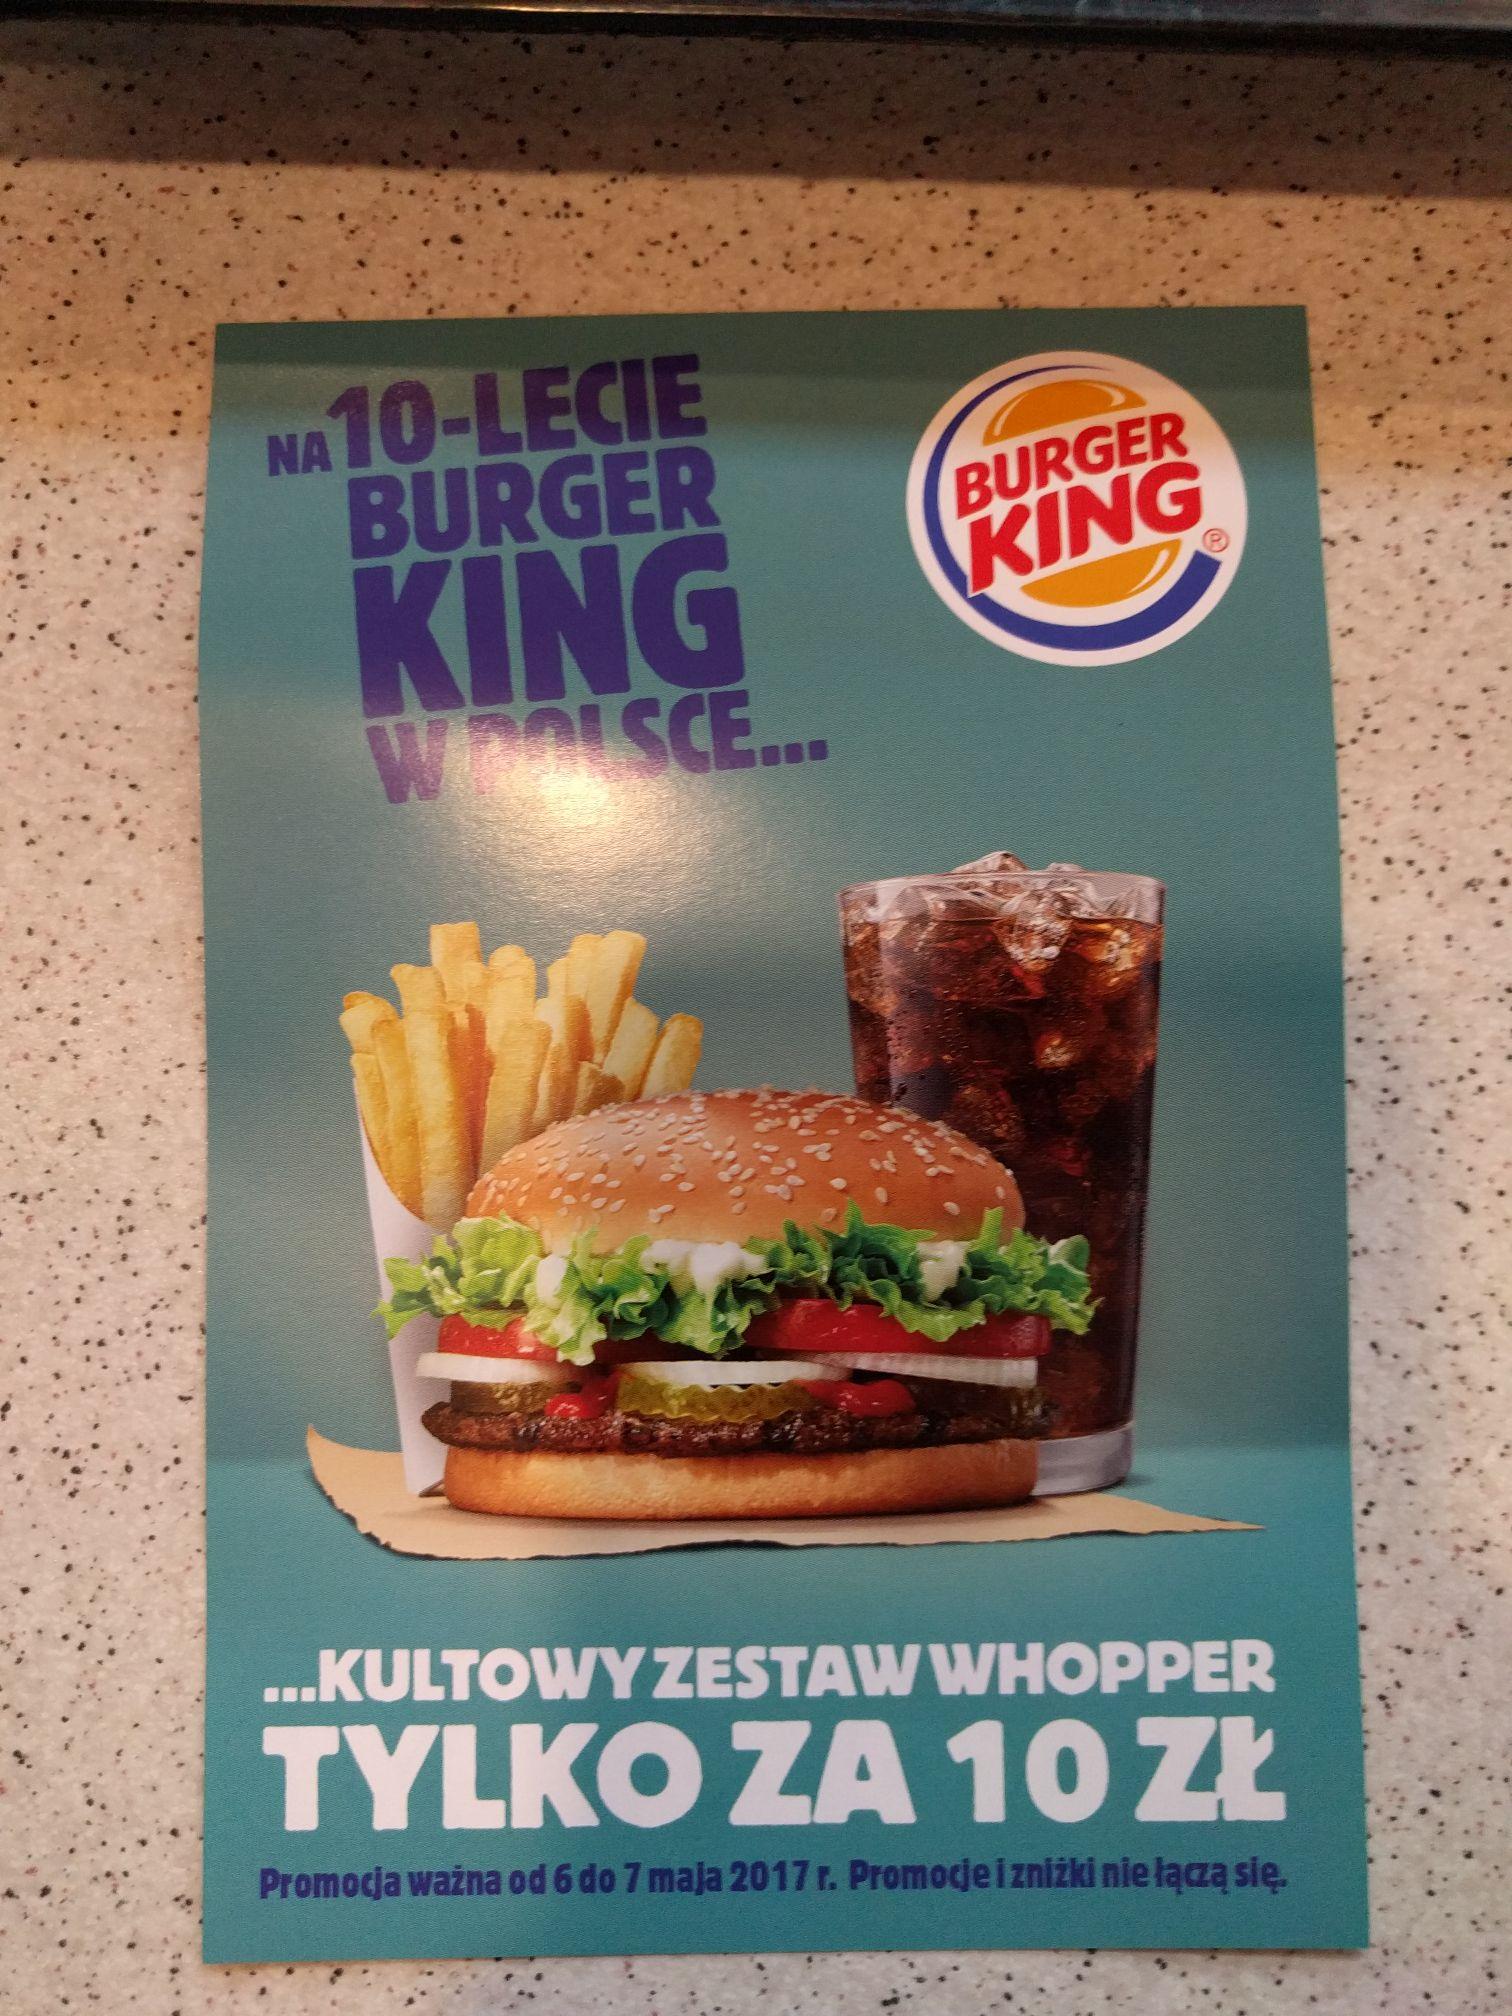 Burger King: Zestaw Whopper za 10 złotych